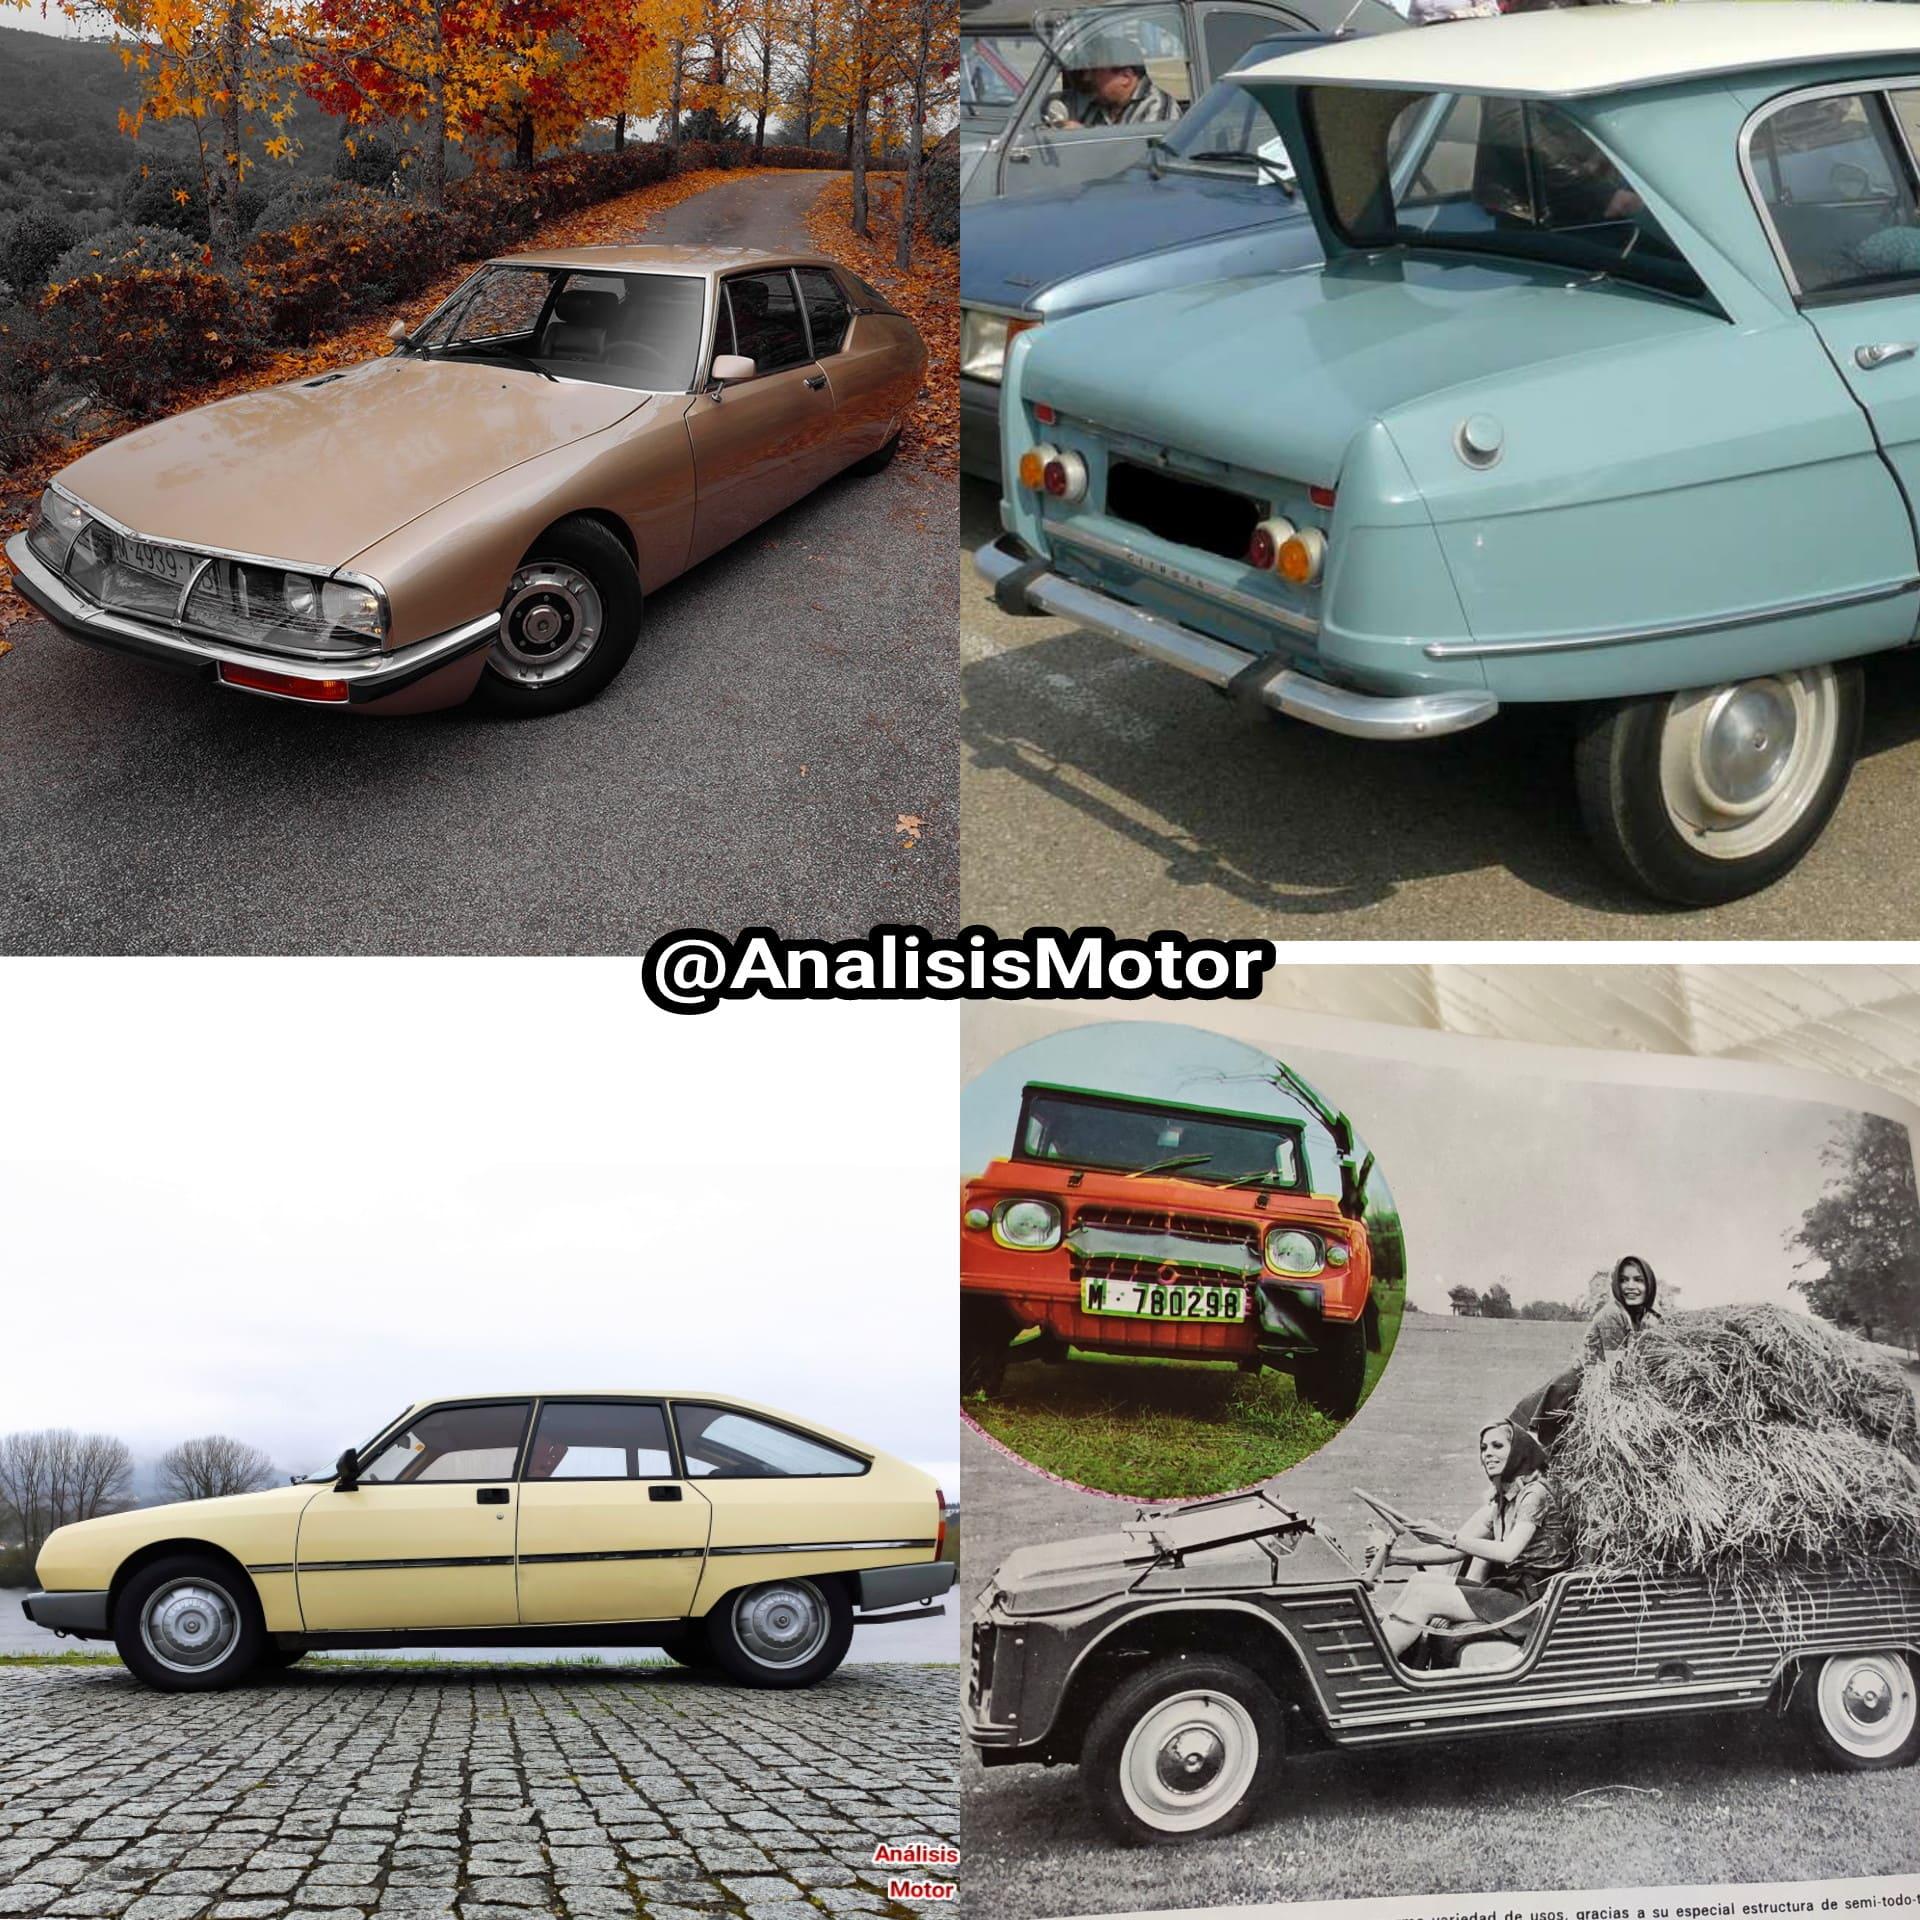 Citroen SM, Citroe GS, Citroen Mehari, Citroen AMI